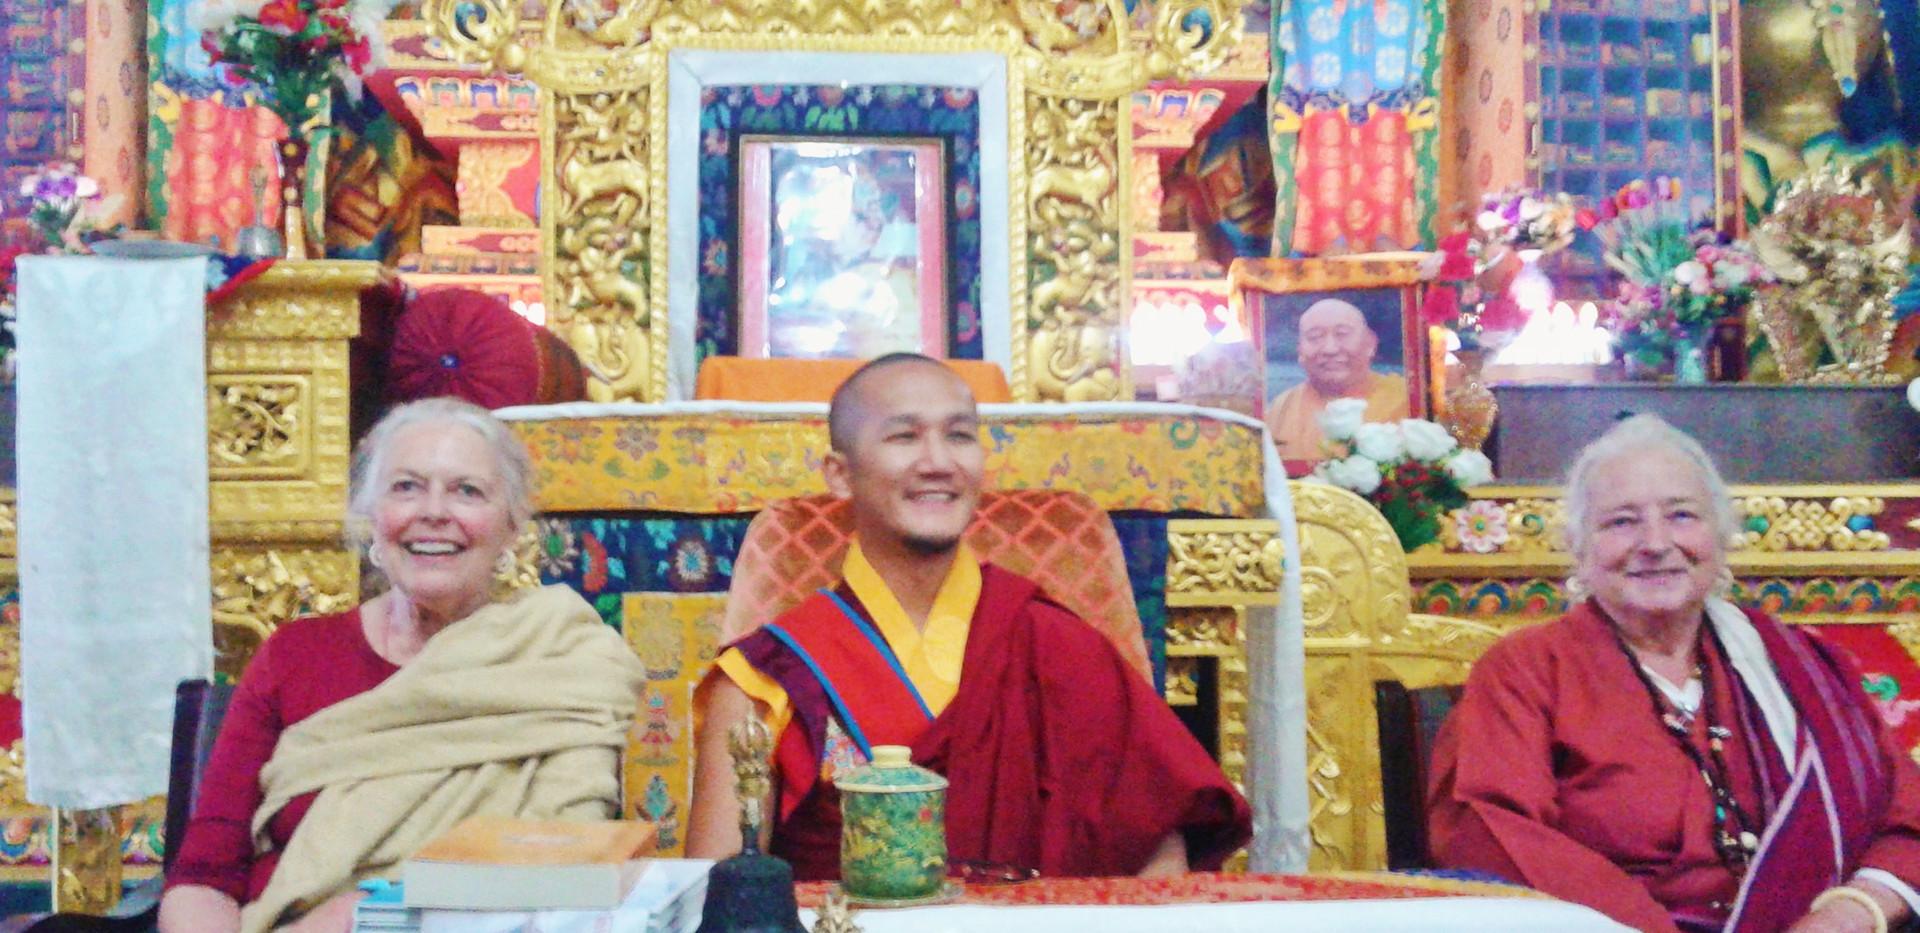 Candice Rimpoche, Palgar Rinpoche and Lama Lena